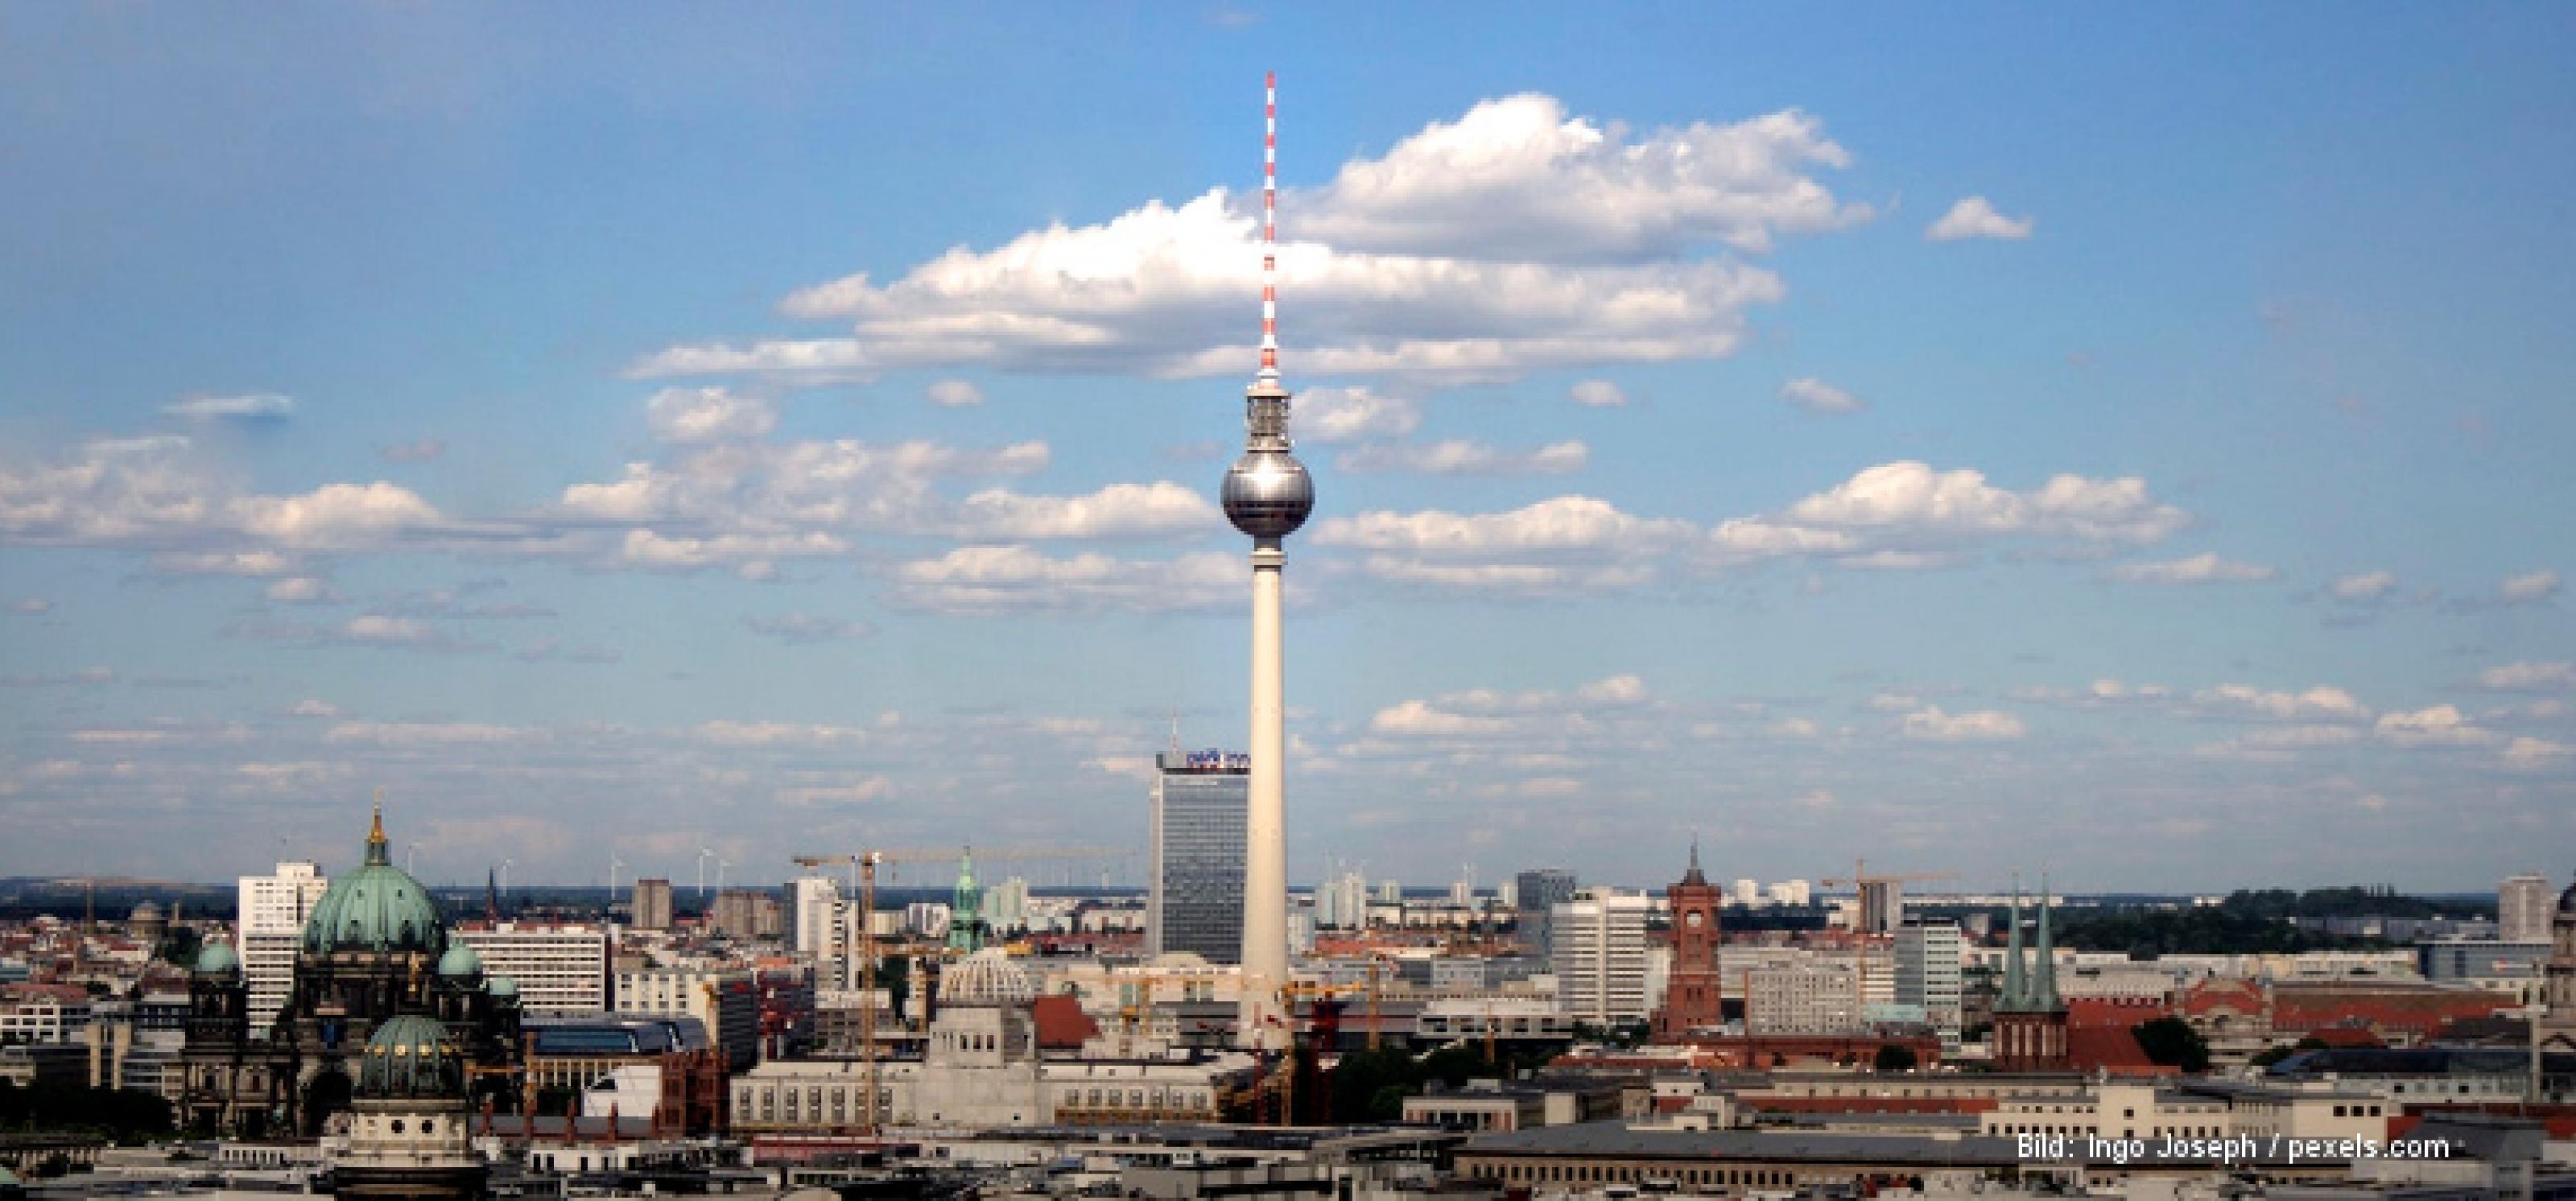 Panorama von Berlin, in der Mitte der Fernsehturm